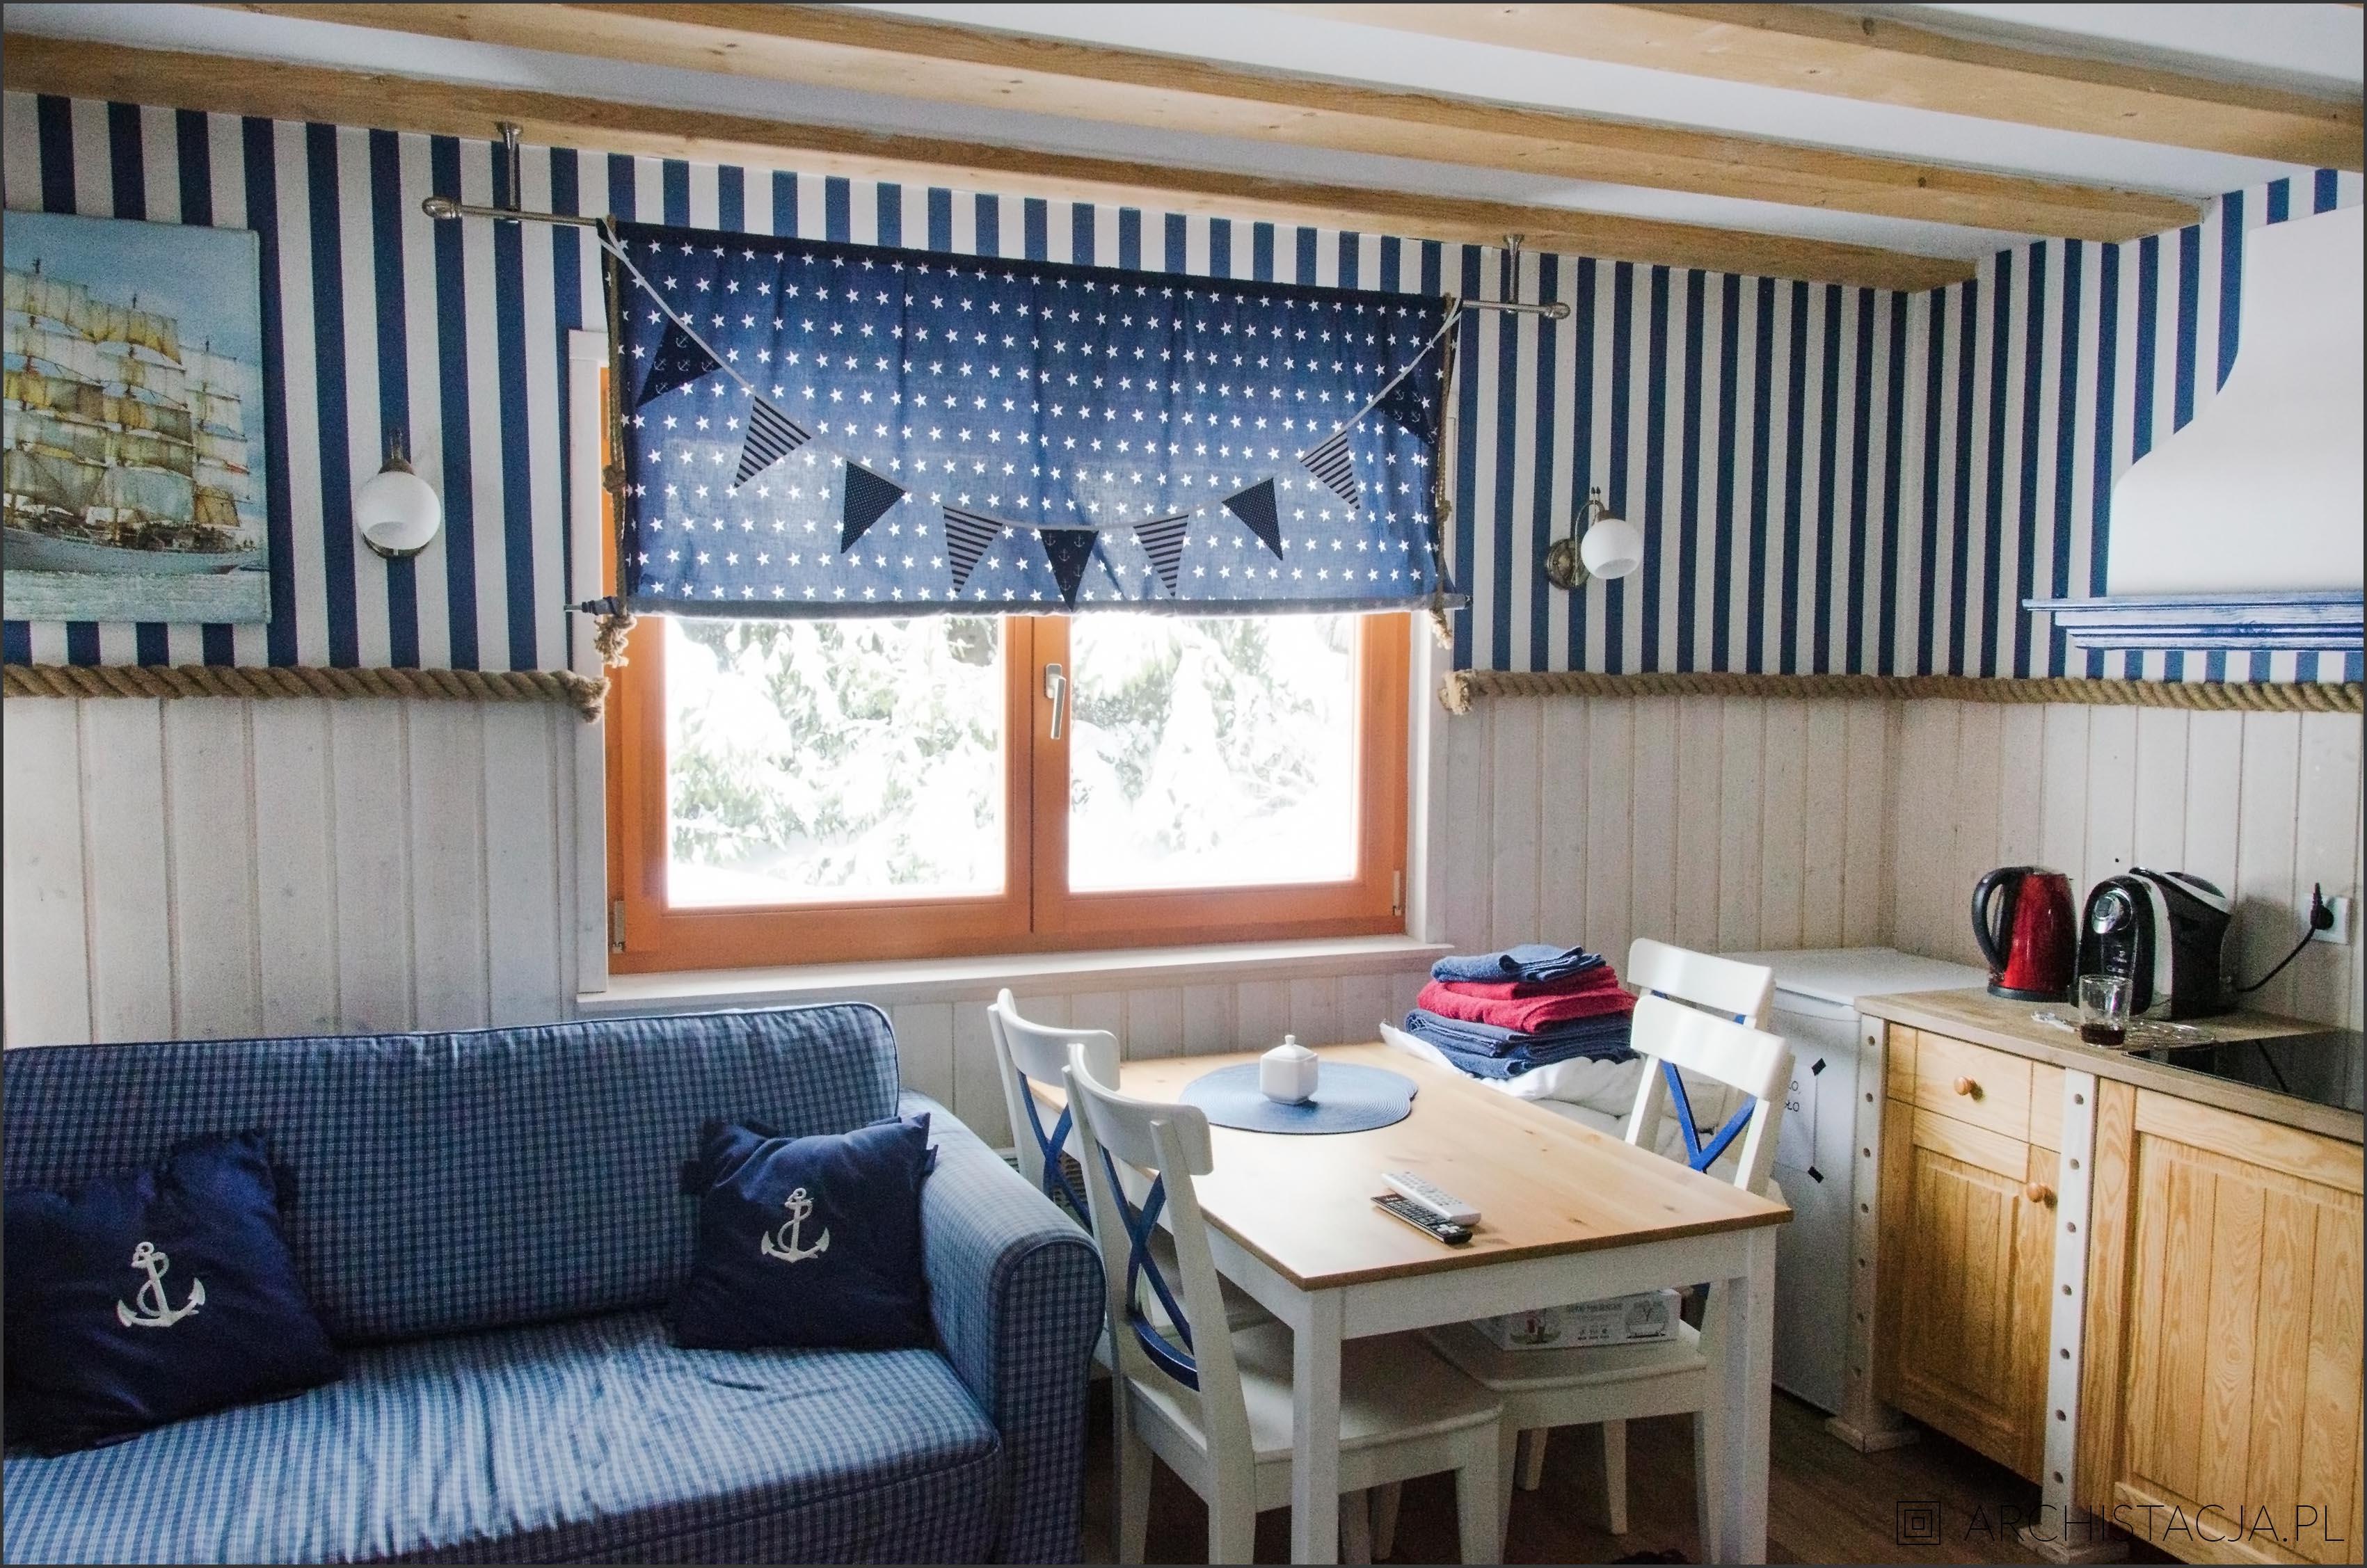 Domek W Stylu Marynarskim Archistacjapl